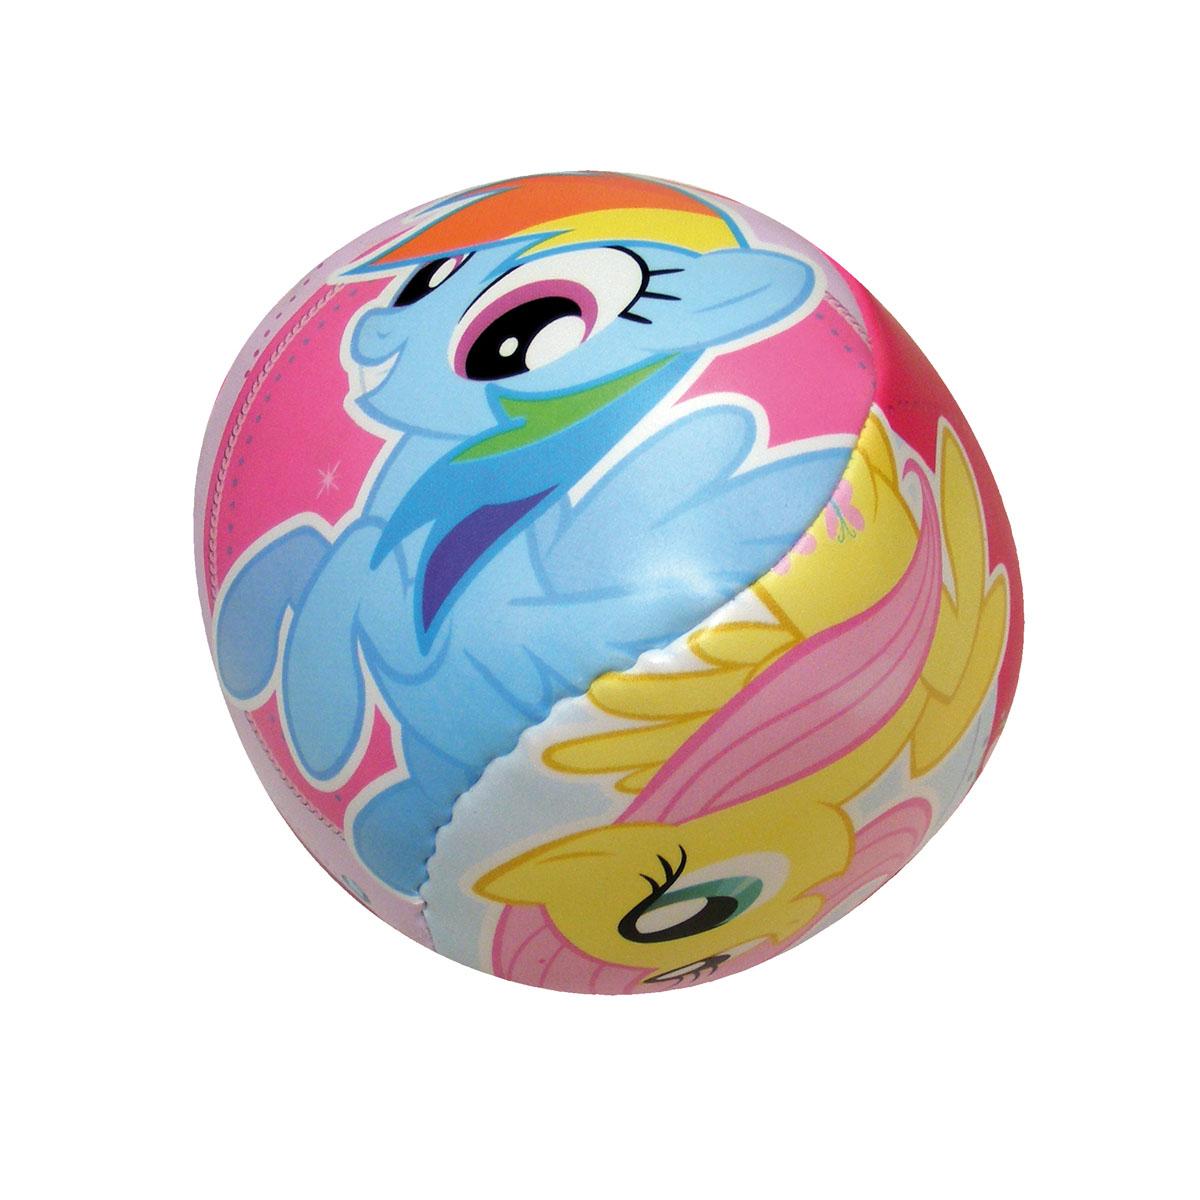 Мяч мягкий John Мой маленький пони, 10 см52802Мягкий мяч John Мой маленький пони - это игрушка для детей любого возраста. Он выполнен из полиуретана с мягкой набивкой и оформлен ярким рисунком. Мягкий мяч незаменим для любителей подвижных игр и активного отдыха и абсолютно безопасен. Игры с мячом развивают координацию движений, способствуют физическому развитию ребенка.